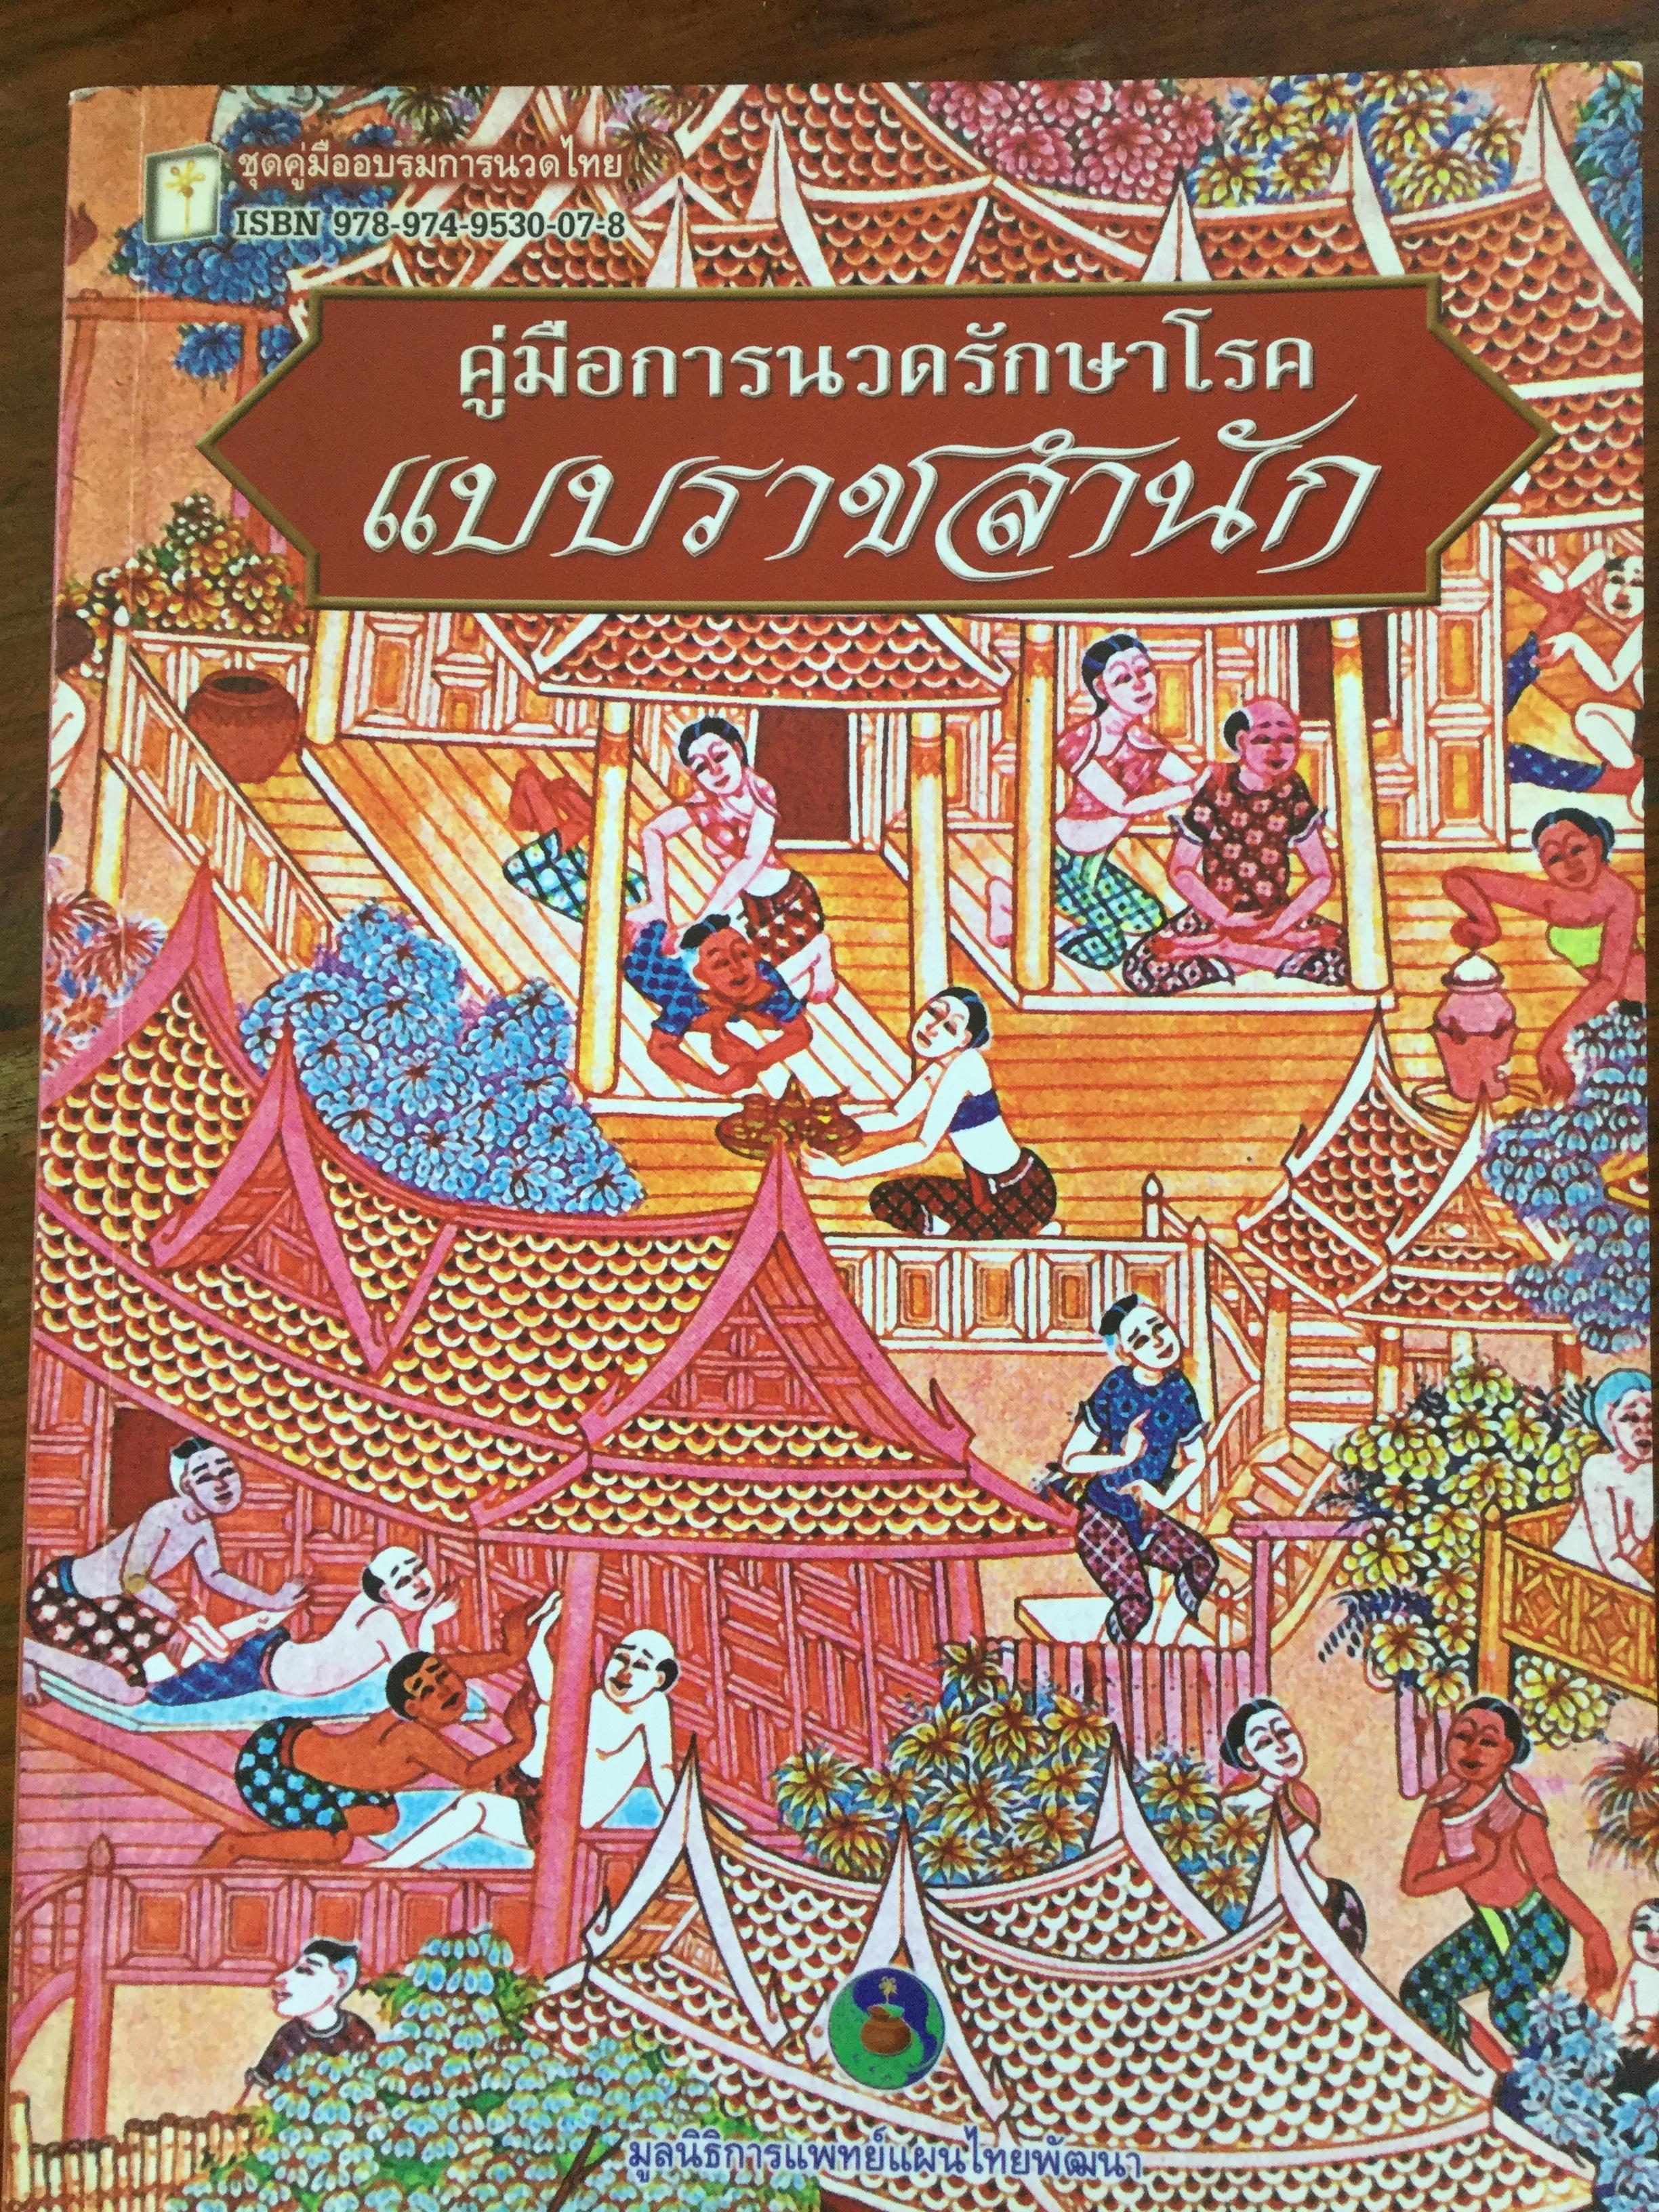 คู่มือการนวดรักษาโรค แบบราชสำนัก ชุดคู่มืออบรมการนวดไทย โดย มูลนิธิการแพทย์แผนไทยพัฒนา